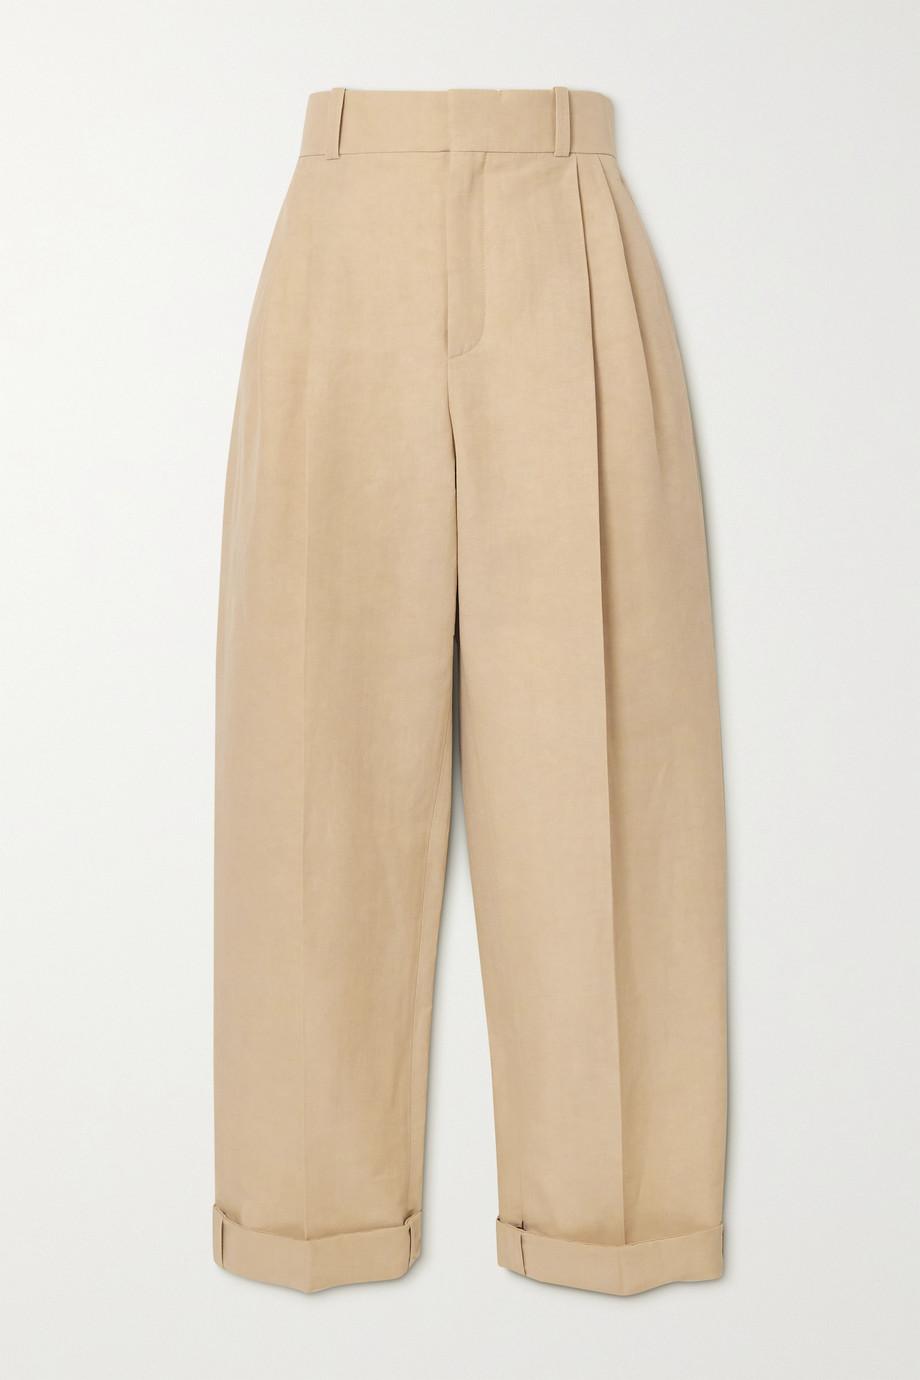 Chloé Pantalon raccourci fuselé en lin et coton mélangés